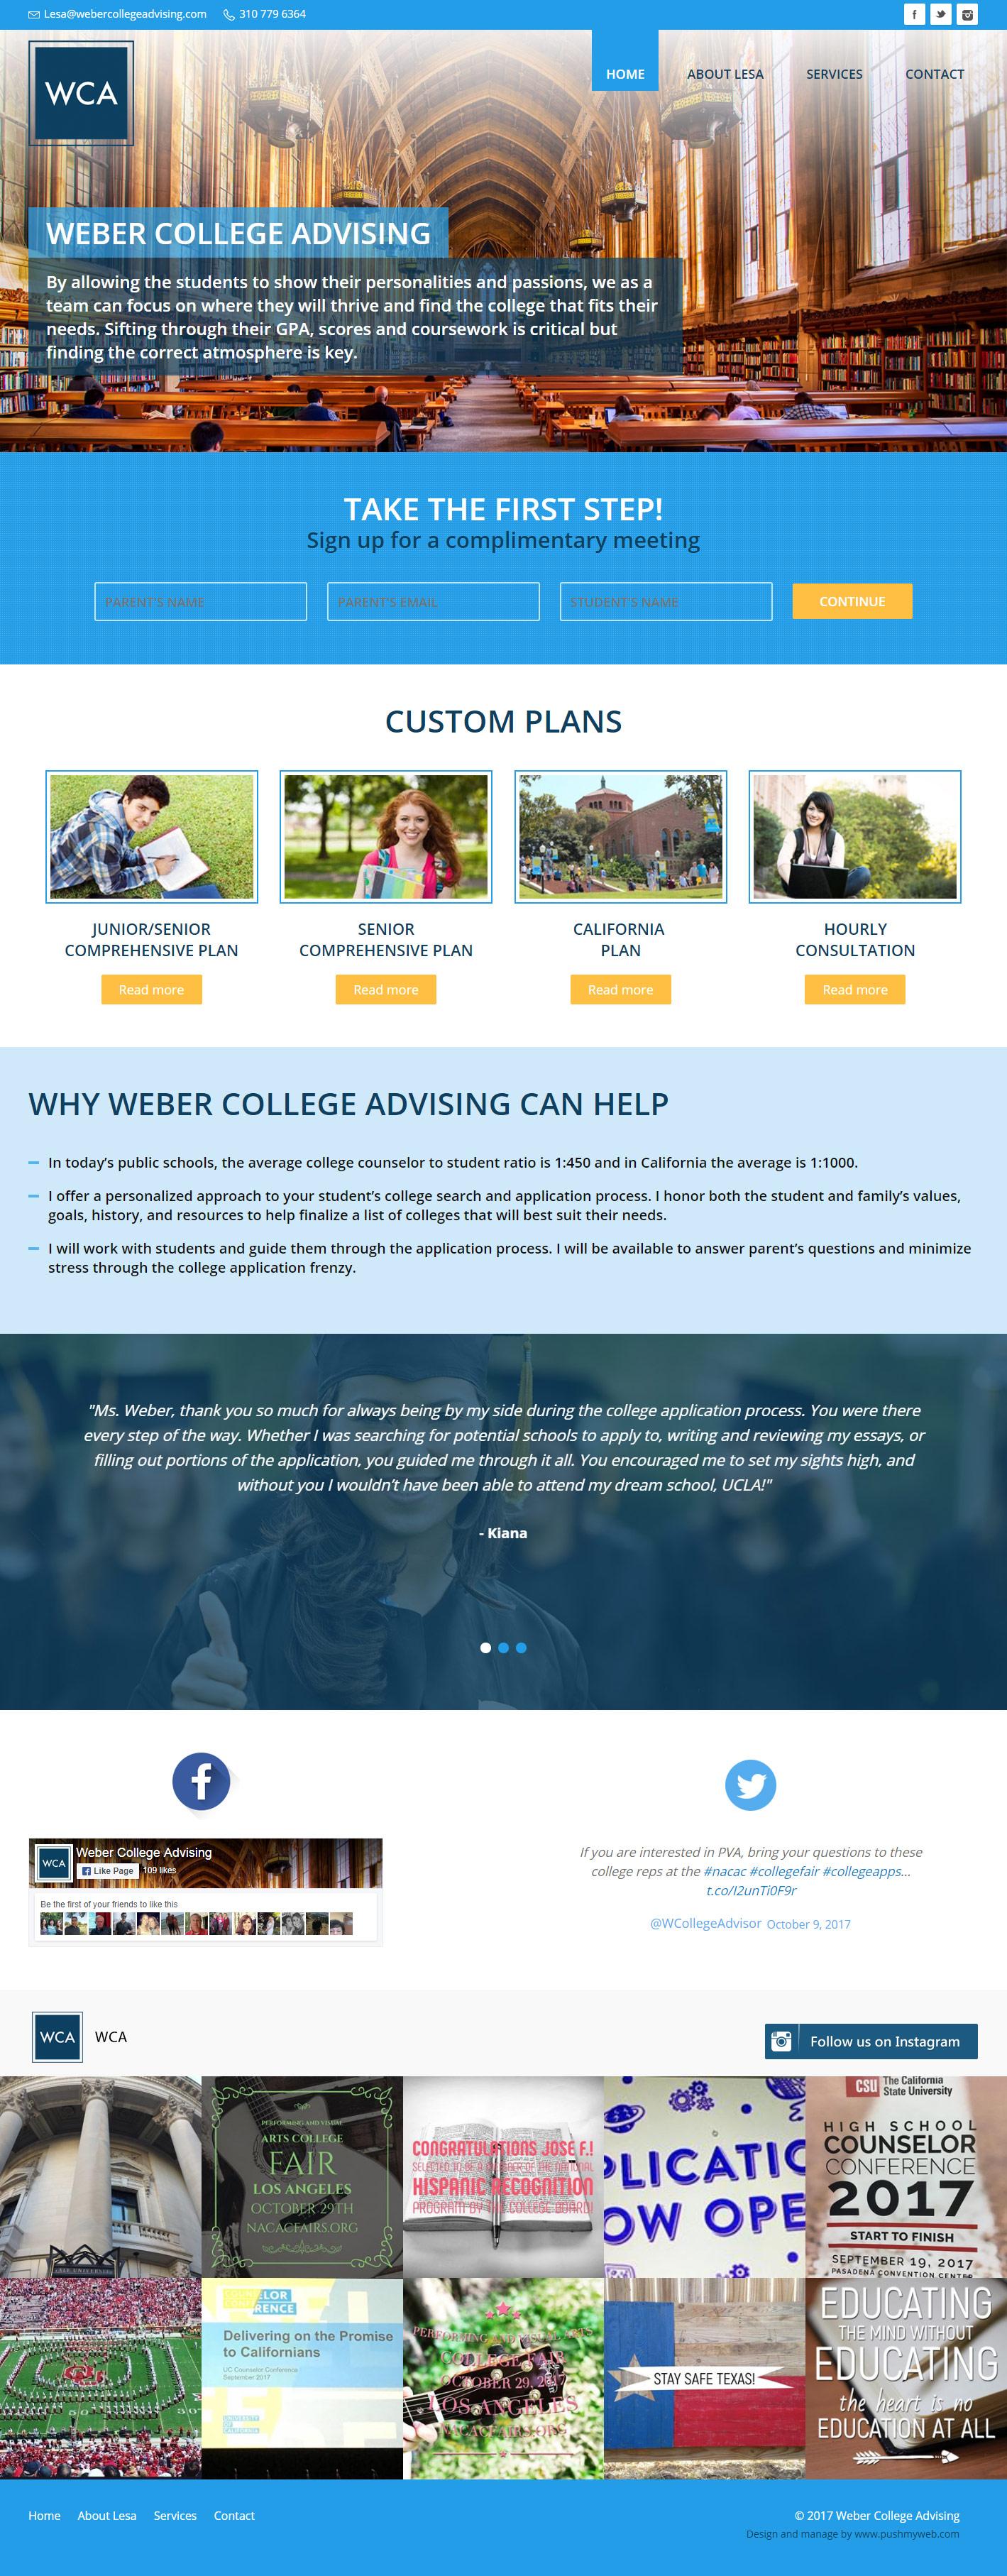 Weber College Advising